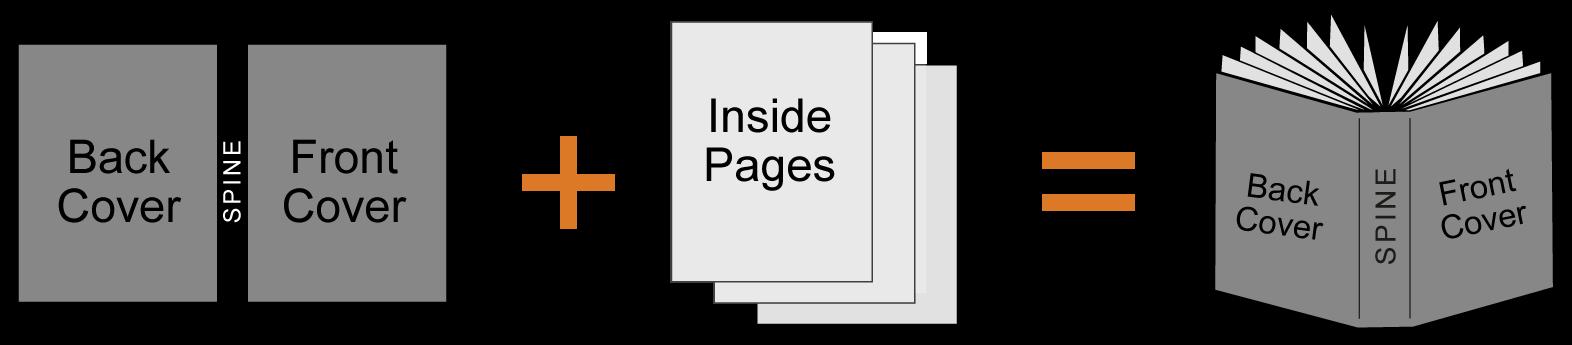 perfect bound printing diagram